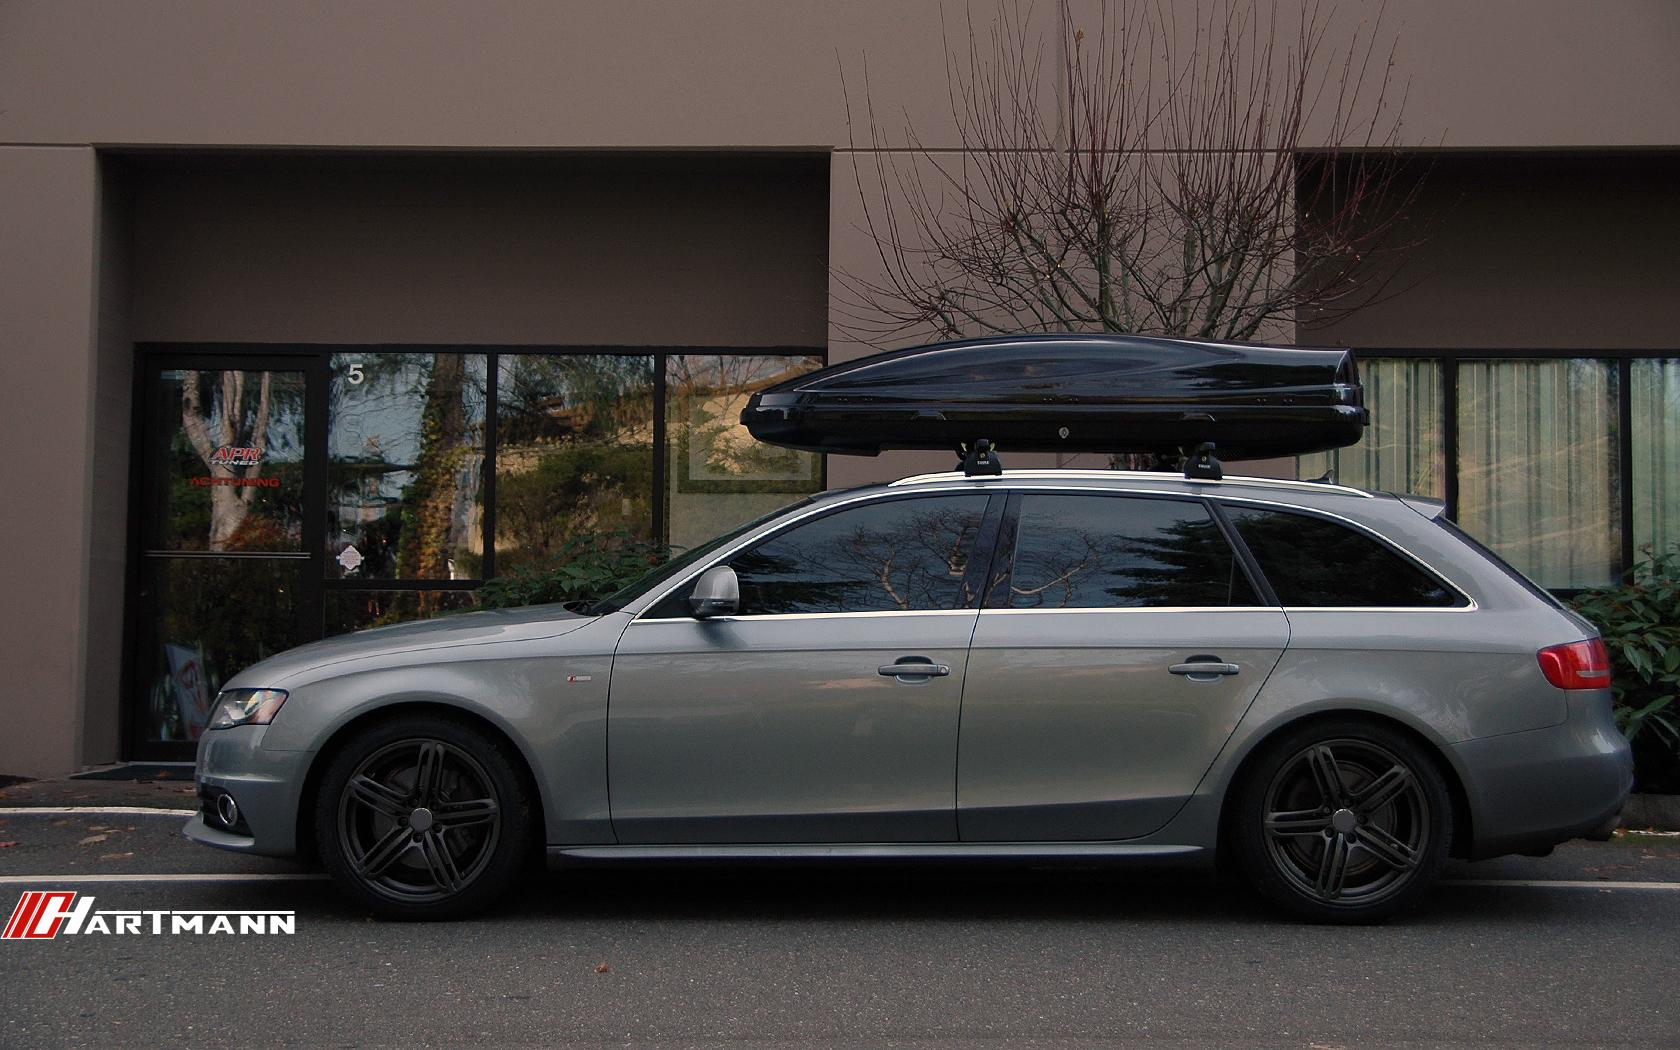 Audi b8 a4 hartmann wheels hrs6 204 ma 18 gw1 hwm